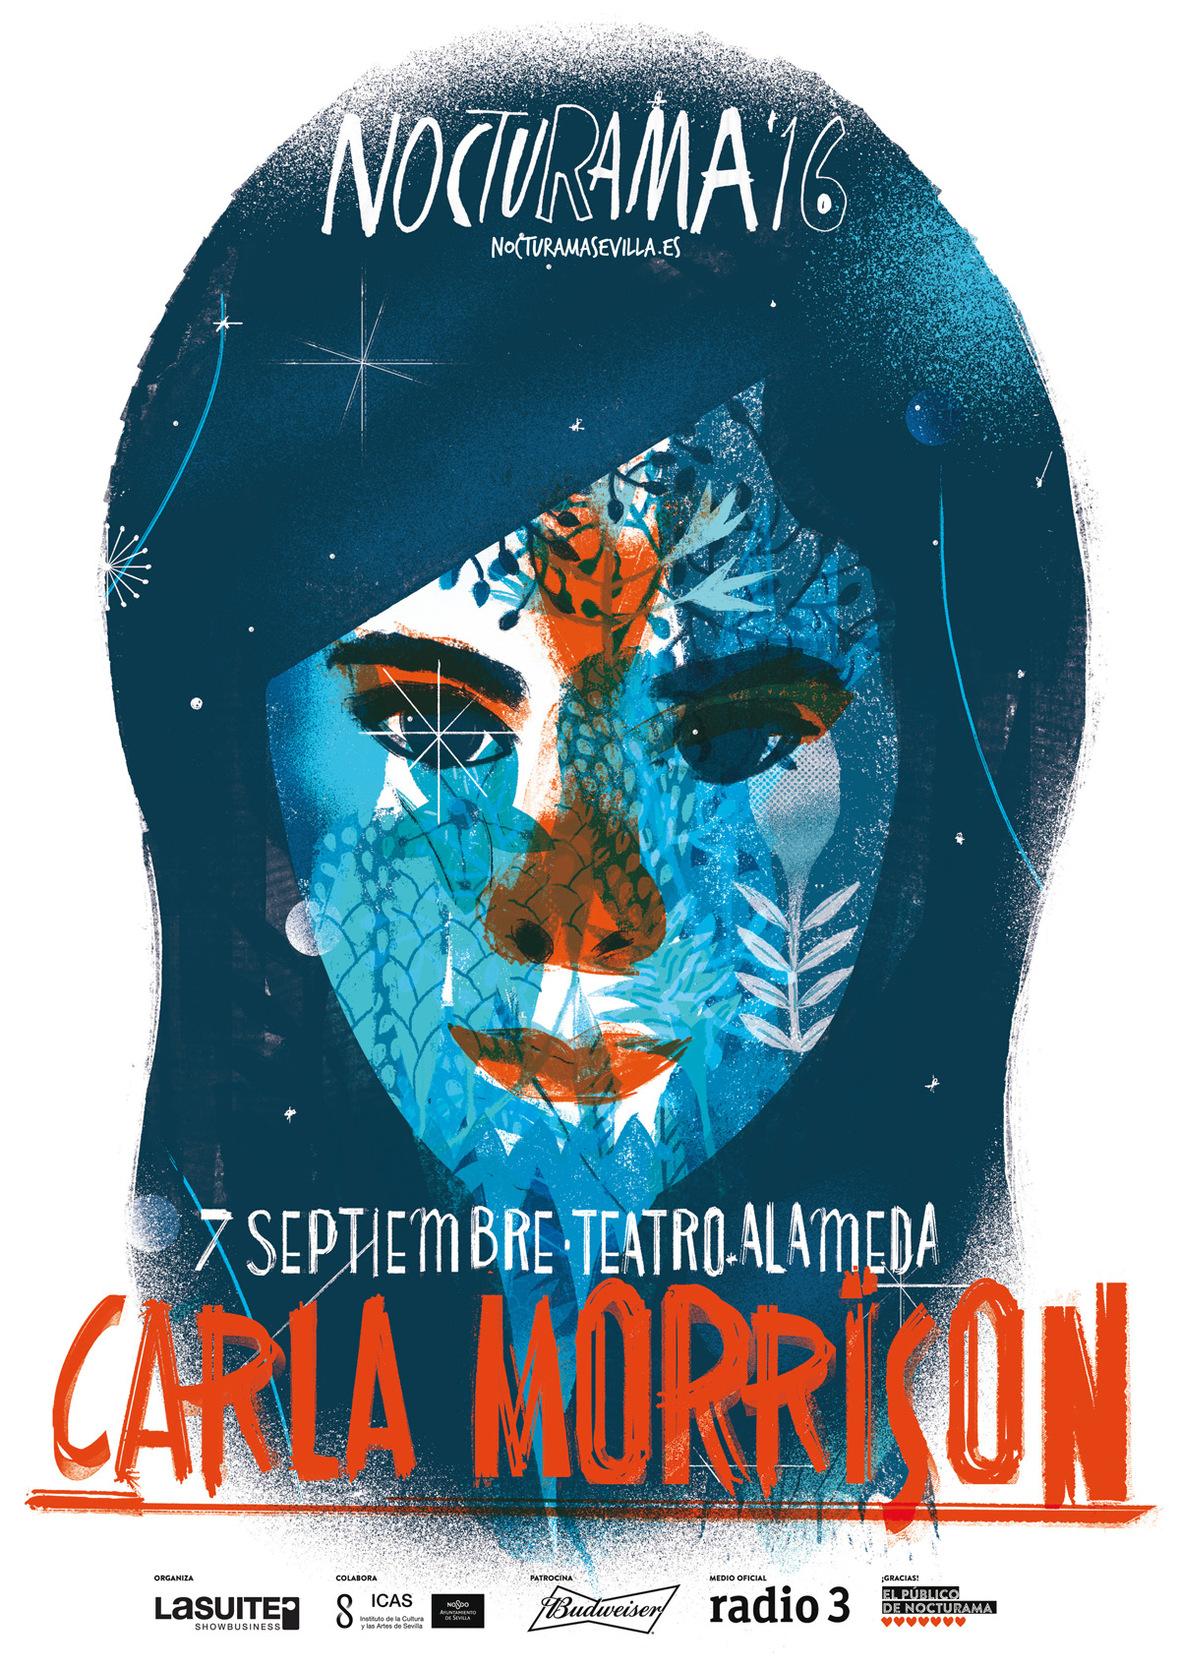 Carla Morrison pasea su 'Amor Supremo Tour' por Sevilla